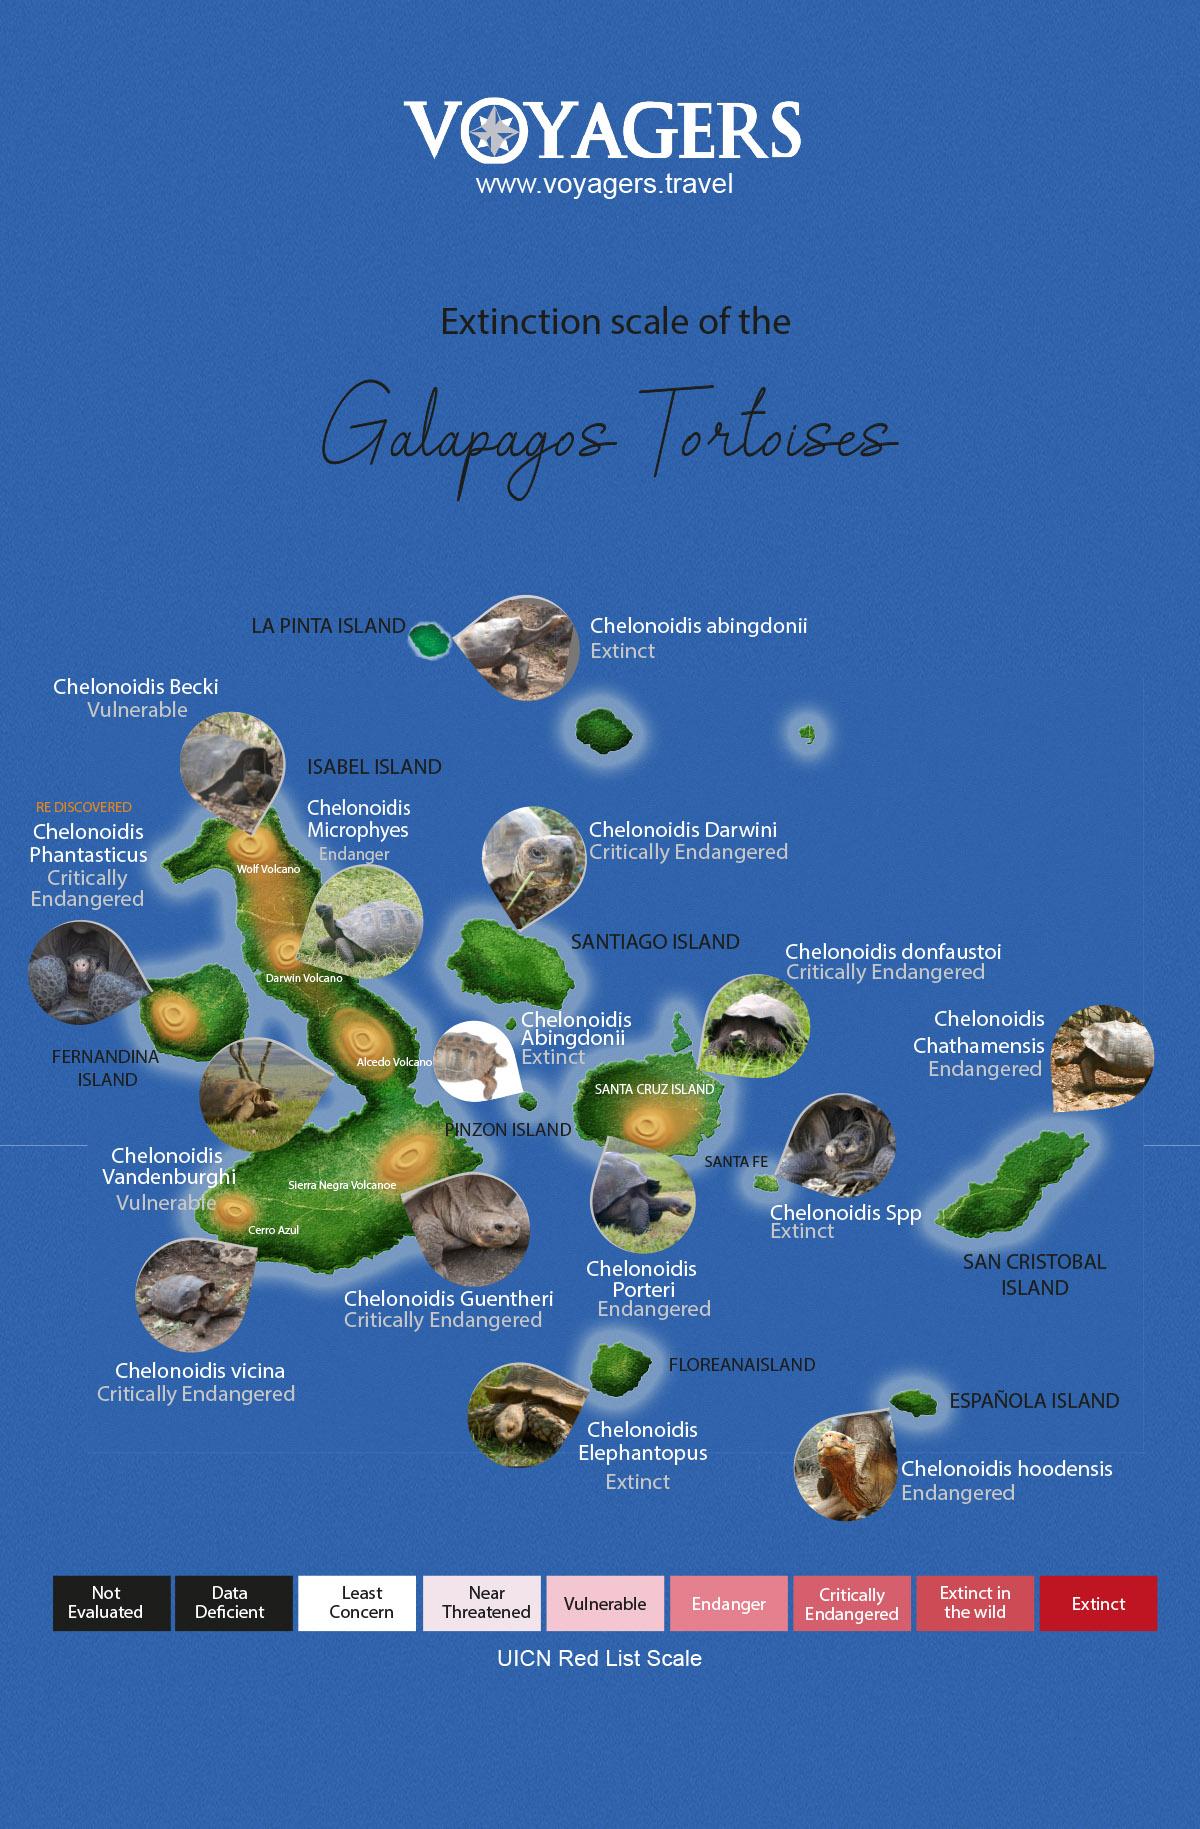 Endangered Galapagos Tortoises